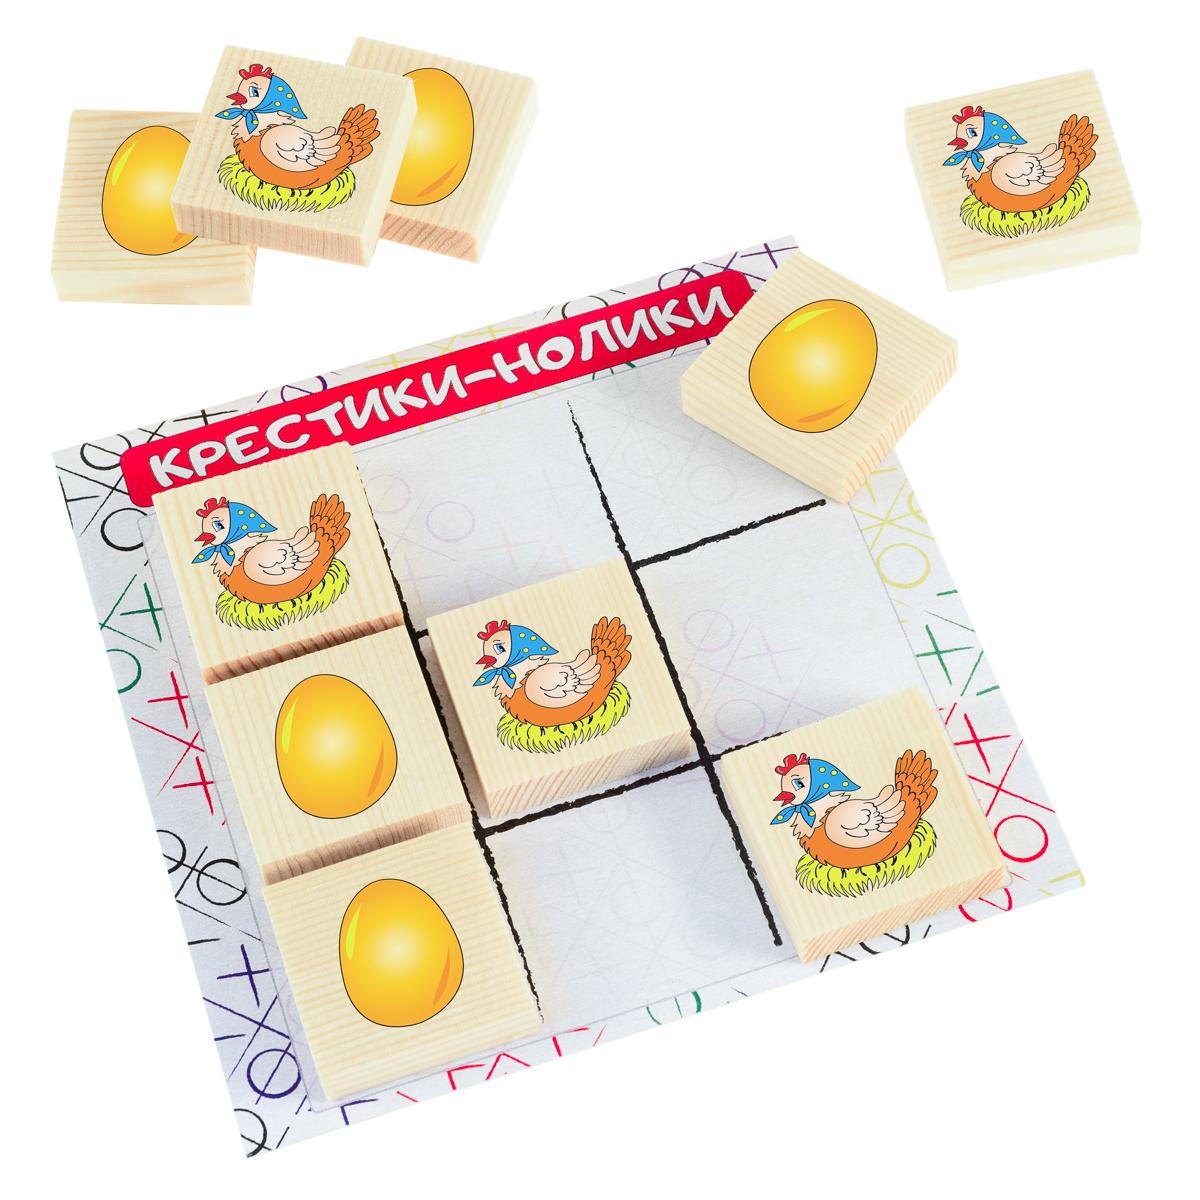 Развивающие деревянные игрушки Обучающая игра Крестики-нолики Курочка и яичкоД521аРазвивающая игра КРЕСТИКИ-НОЛИКИ КУРОЧКА и ЯИЧКО для детей производится из экологичного материала — натурального дерева. Фишки большого размера — 10х35х35 мм — прекрасно подойдут даже для самых маленьких игроков. Малышу удобно держать такую фишку. Рисунки на ней — яркие и большие. С этой игрушкой можно играть не только дома, но и эффективно использовать для занятий в детском саду. Играя, ребёнок развивает целый спектр навыков: моторику, логику, воображение, а также изучает окружающий мир, счёт и цвета. В наборе КРЕСТИКИ-НОЛИКИ КУРОЧКА и ЯИКО вместо традиционных крестика и нолика на поле соревнуются курочка-наседка и яичко. ВНИМАНИЕ! Детали игрушки выполнены из натурального дерева (деревоматериала) без покрытия лаками или другими химическими составами. Перед использованием удалите остатки древесины и древесную пыль, тщательно протерев детали игрушки мягкой тканью!